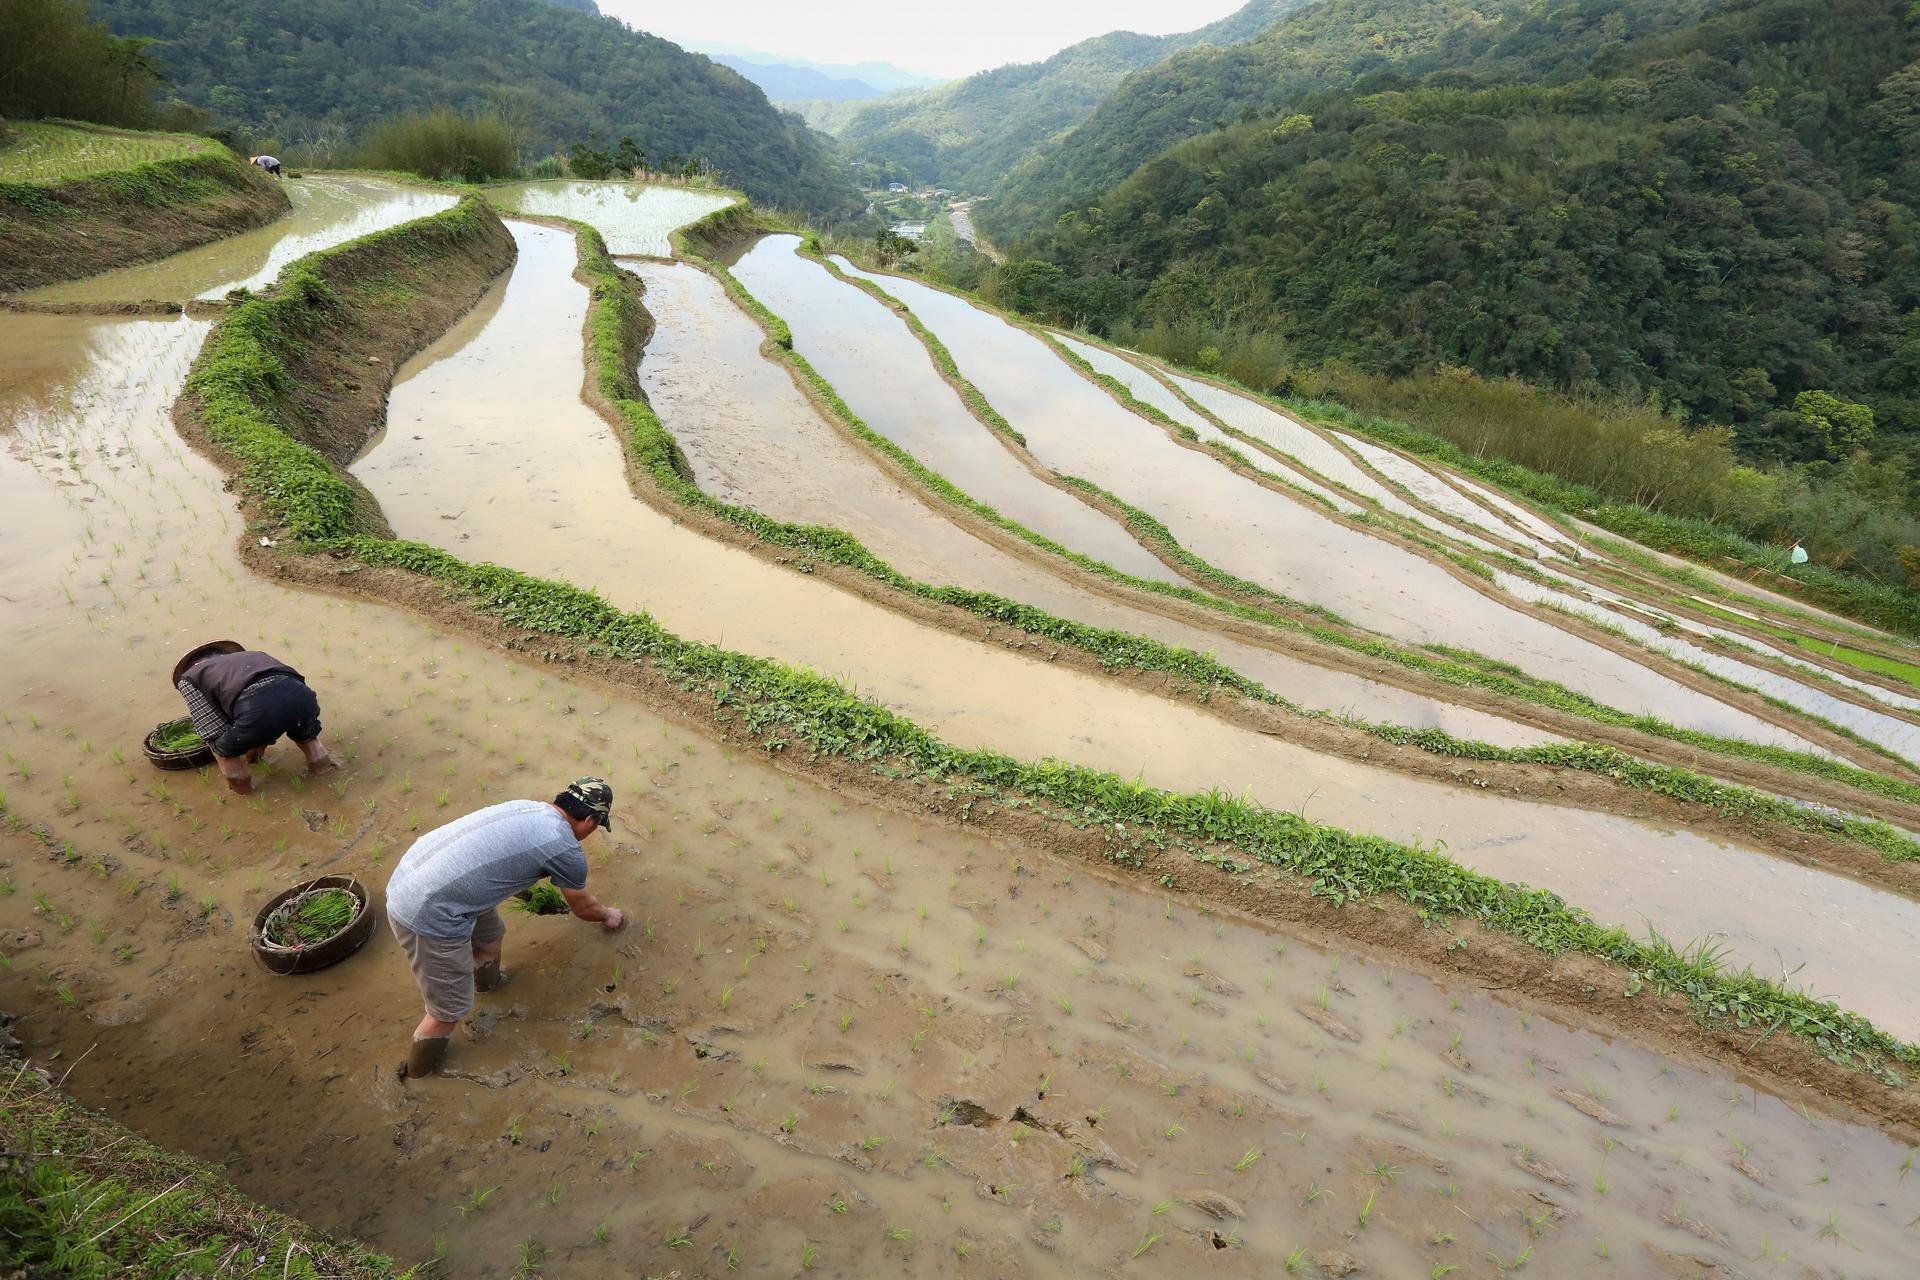 水梯田依著山勢開闢,面積狹小,無法使用大型機械加速農事,但緩慢的步調也為田間生物保留下一線生機,有足夠時間恢復成長。(攝影:陳郁文)